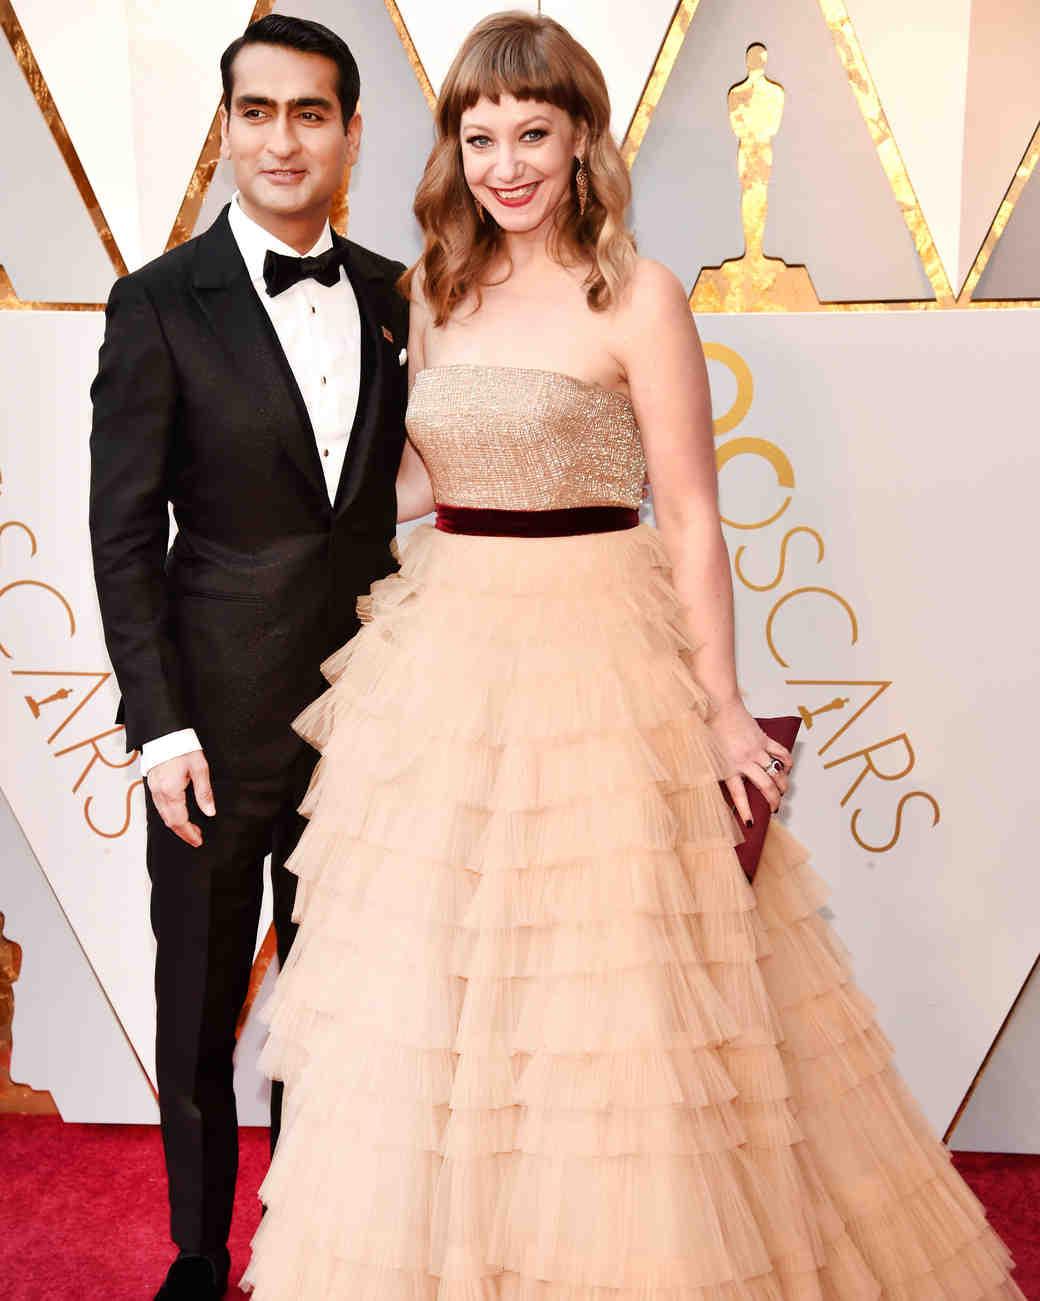 Kumail Nanjiani and Emily V. Gordon 2018 Oscars